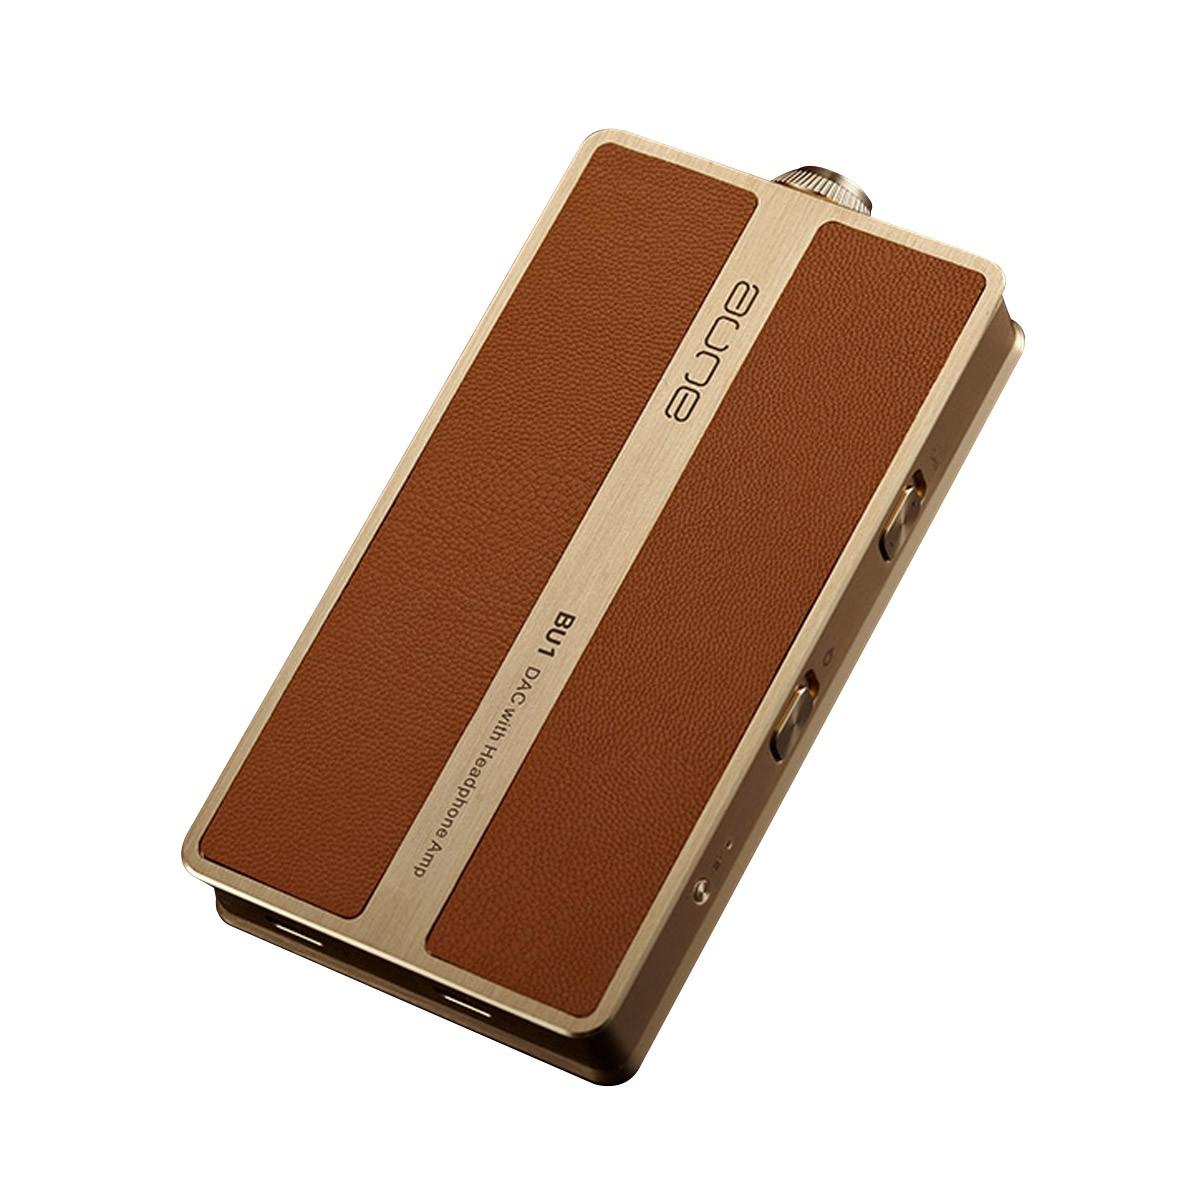 AUNE BU1 DAC ES9038Q2M Amplificateur Casque Portable Discret 32bit 768kHz DSD512